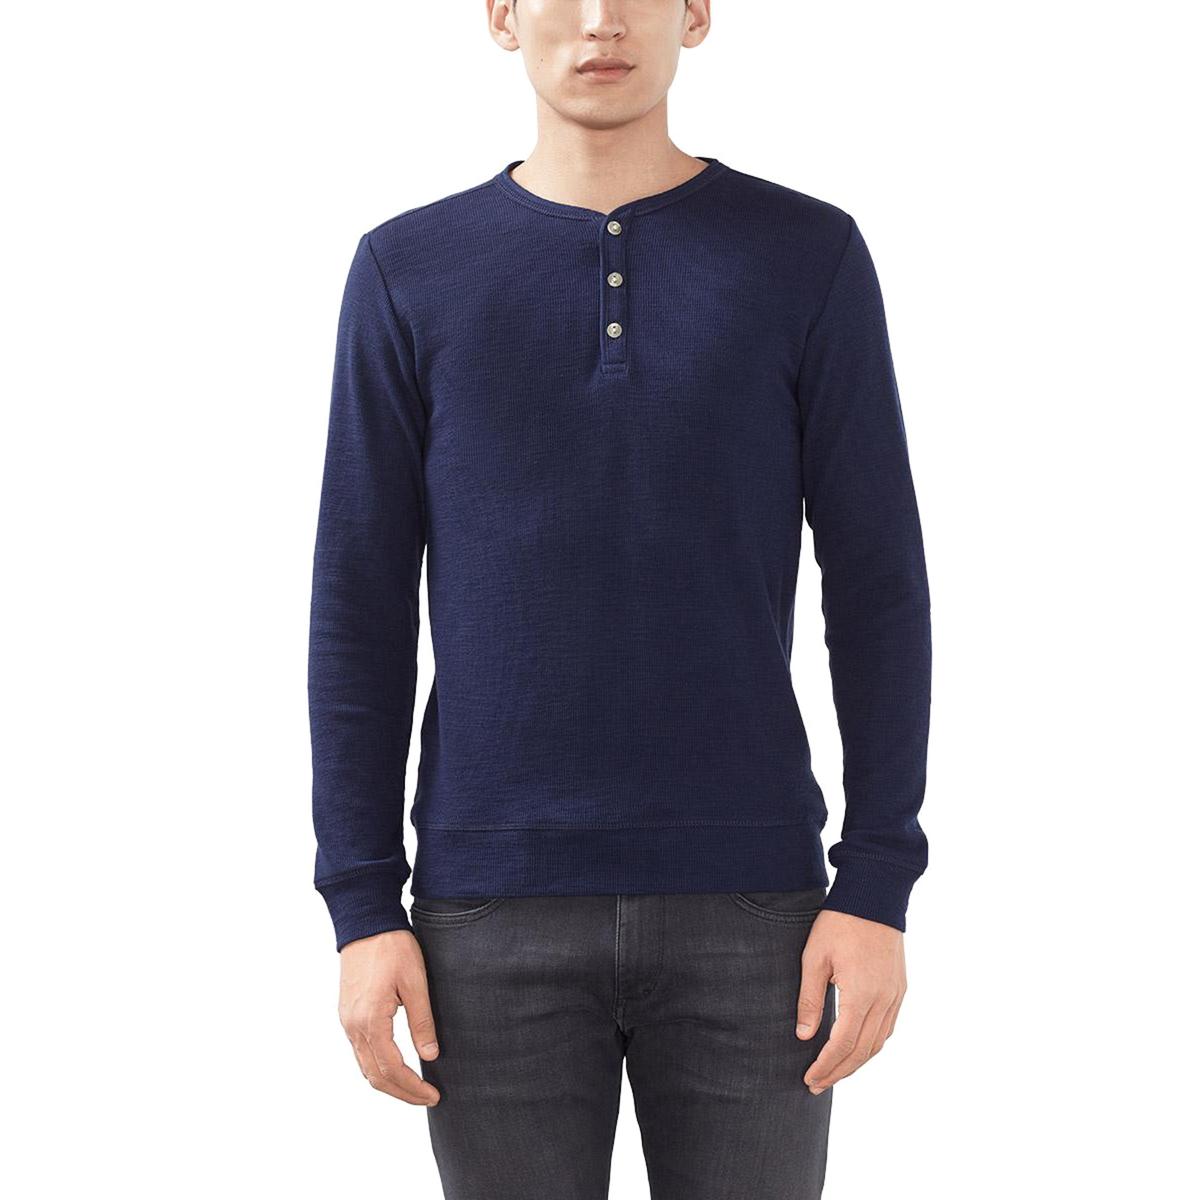 Пуловер с тунисским воротником из 100% хлопка